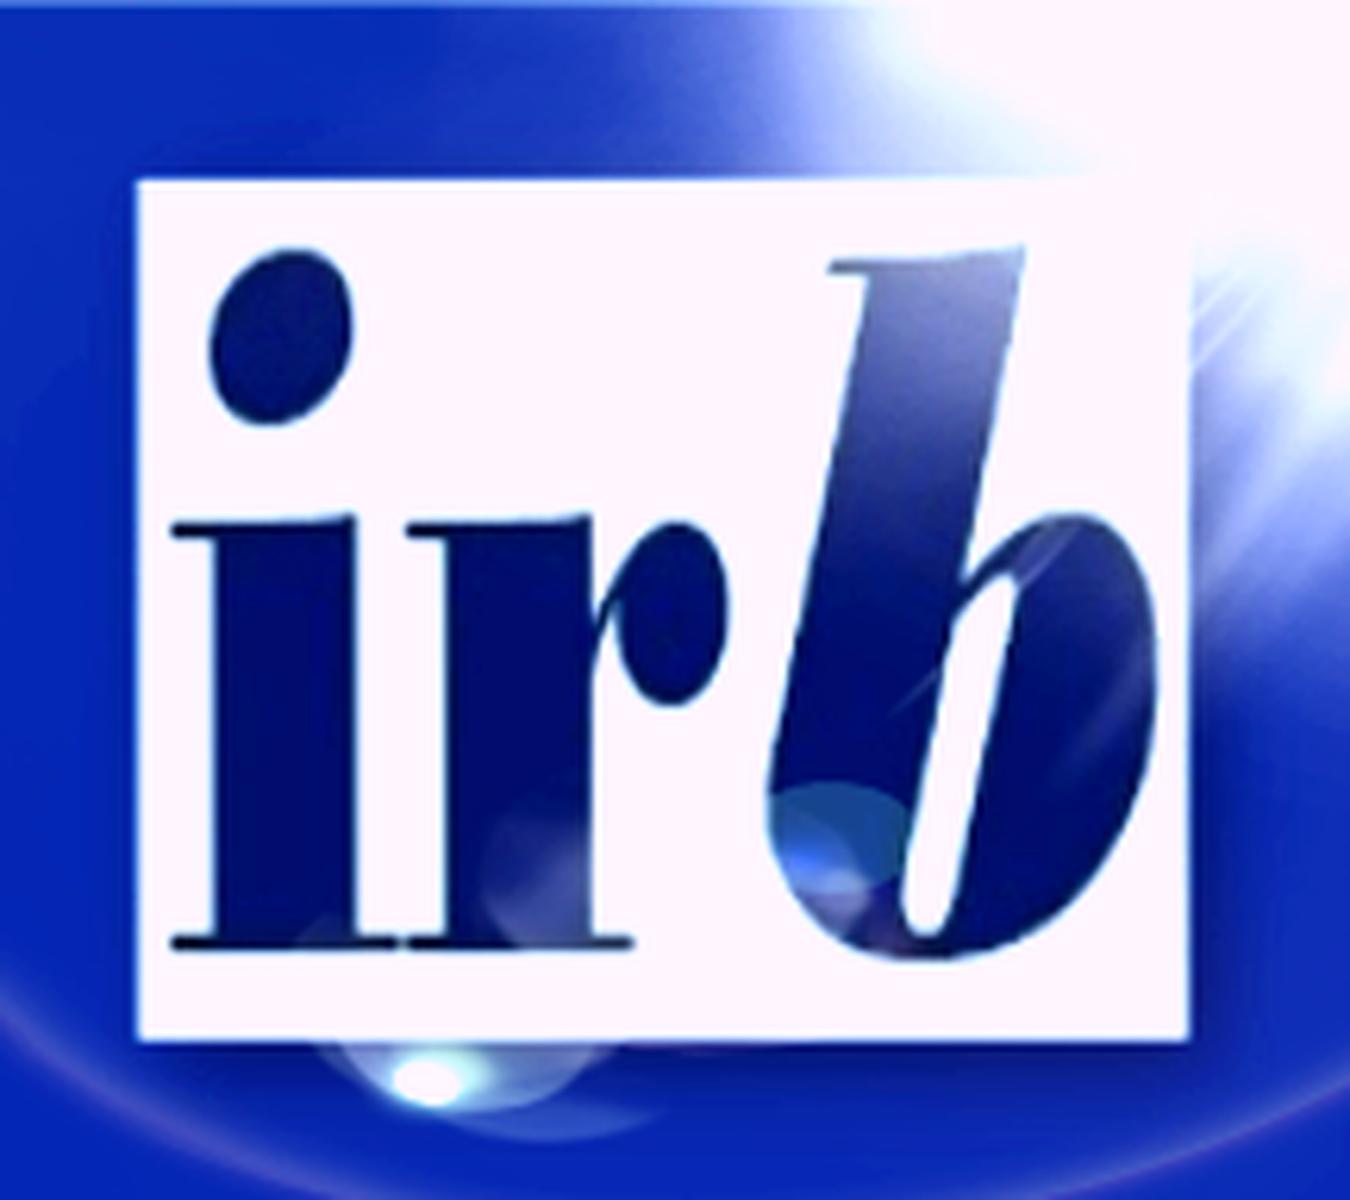 irb translations -